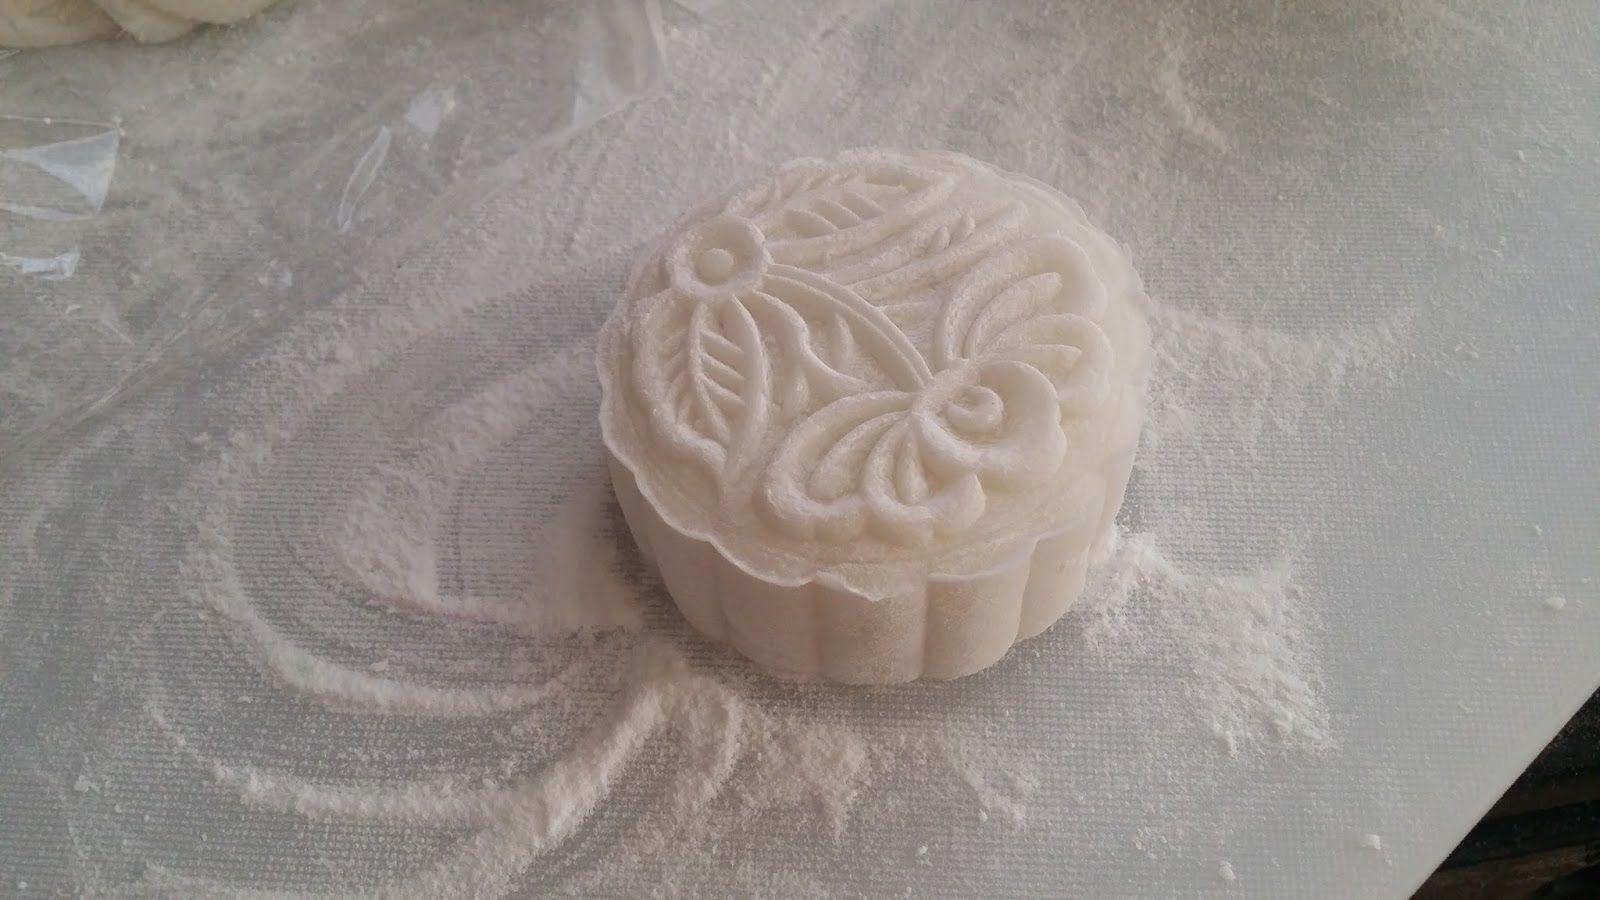 Tiếp theo cho bột bánh dẻo vào các hỗn hợp đó, trộn điều cho đến khi bột hoàn toàn dính lại thành một khối bột mịn. Để thử độ dẻo và chất lượng bột đã trộn thành công hay chưa bạn dùng tay kéo một phần nhỏ bột ra xa. Nếu phần bột dẻo mịn không thấy lợn cợn và không dính tay thì bạn có thể làm bước tiếp theo rồi.